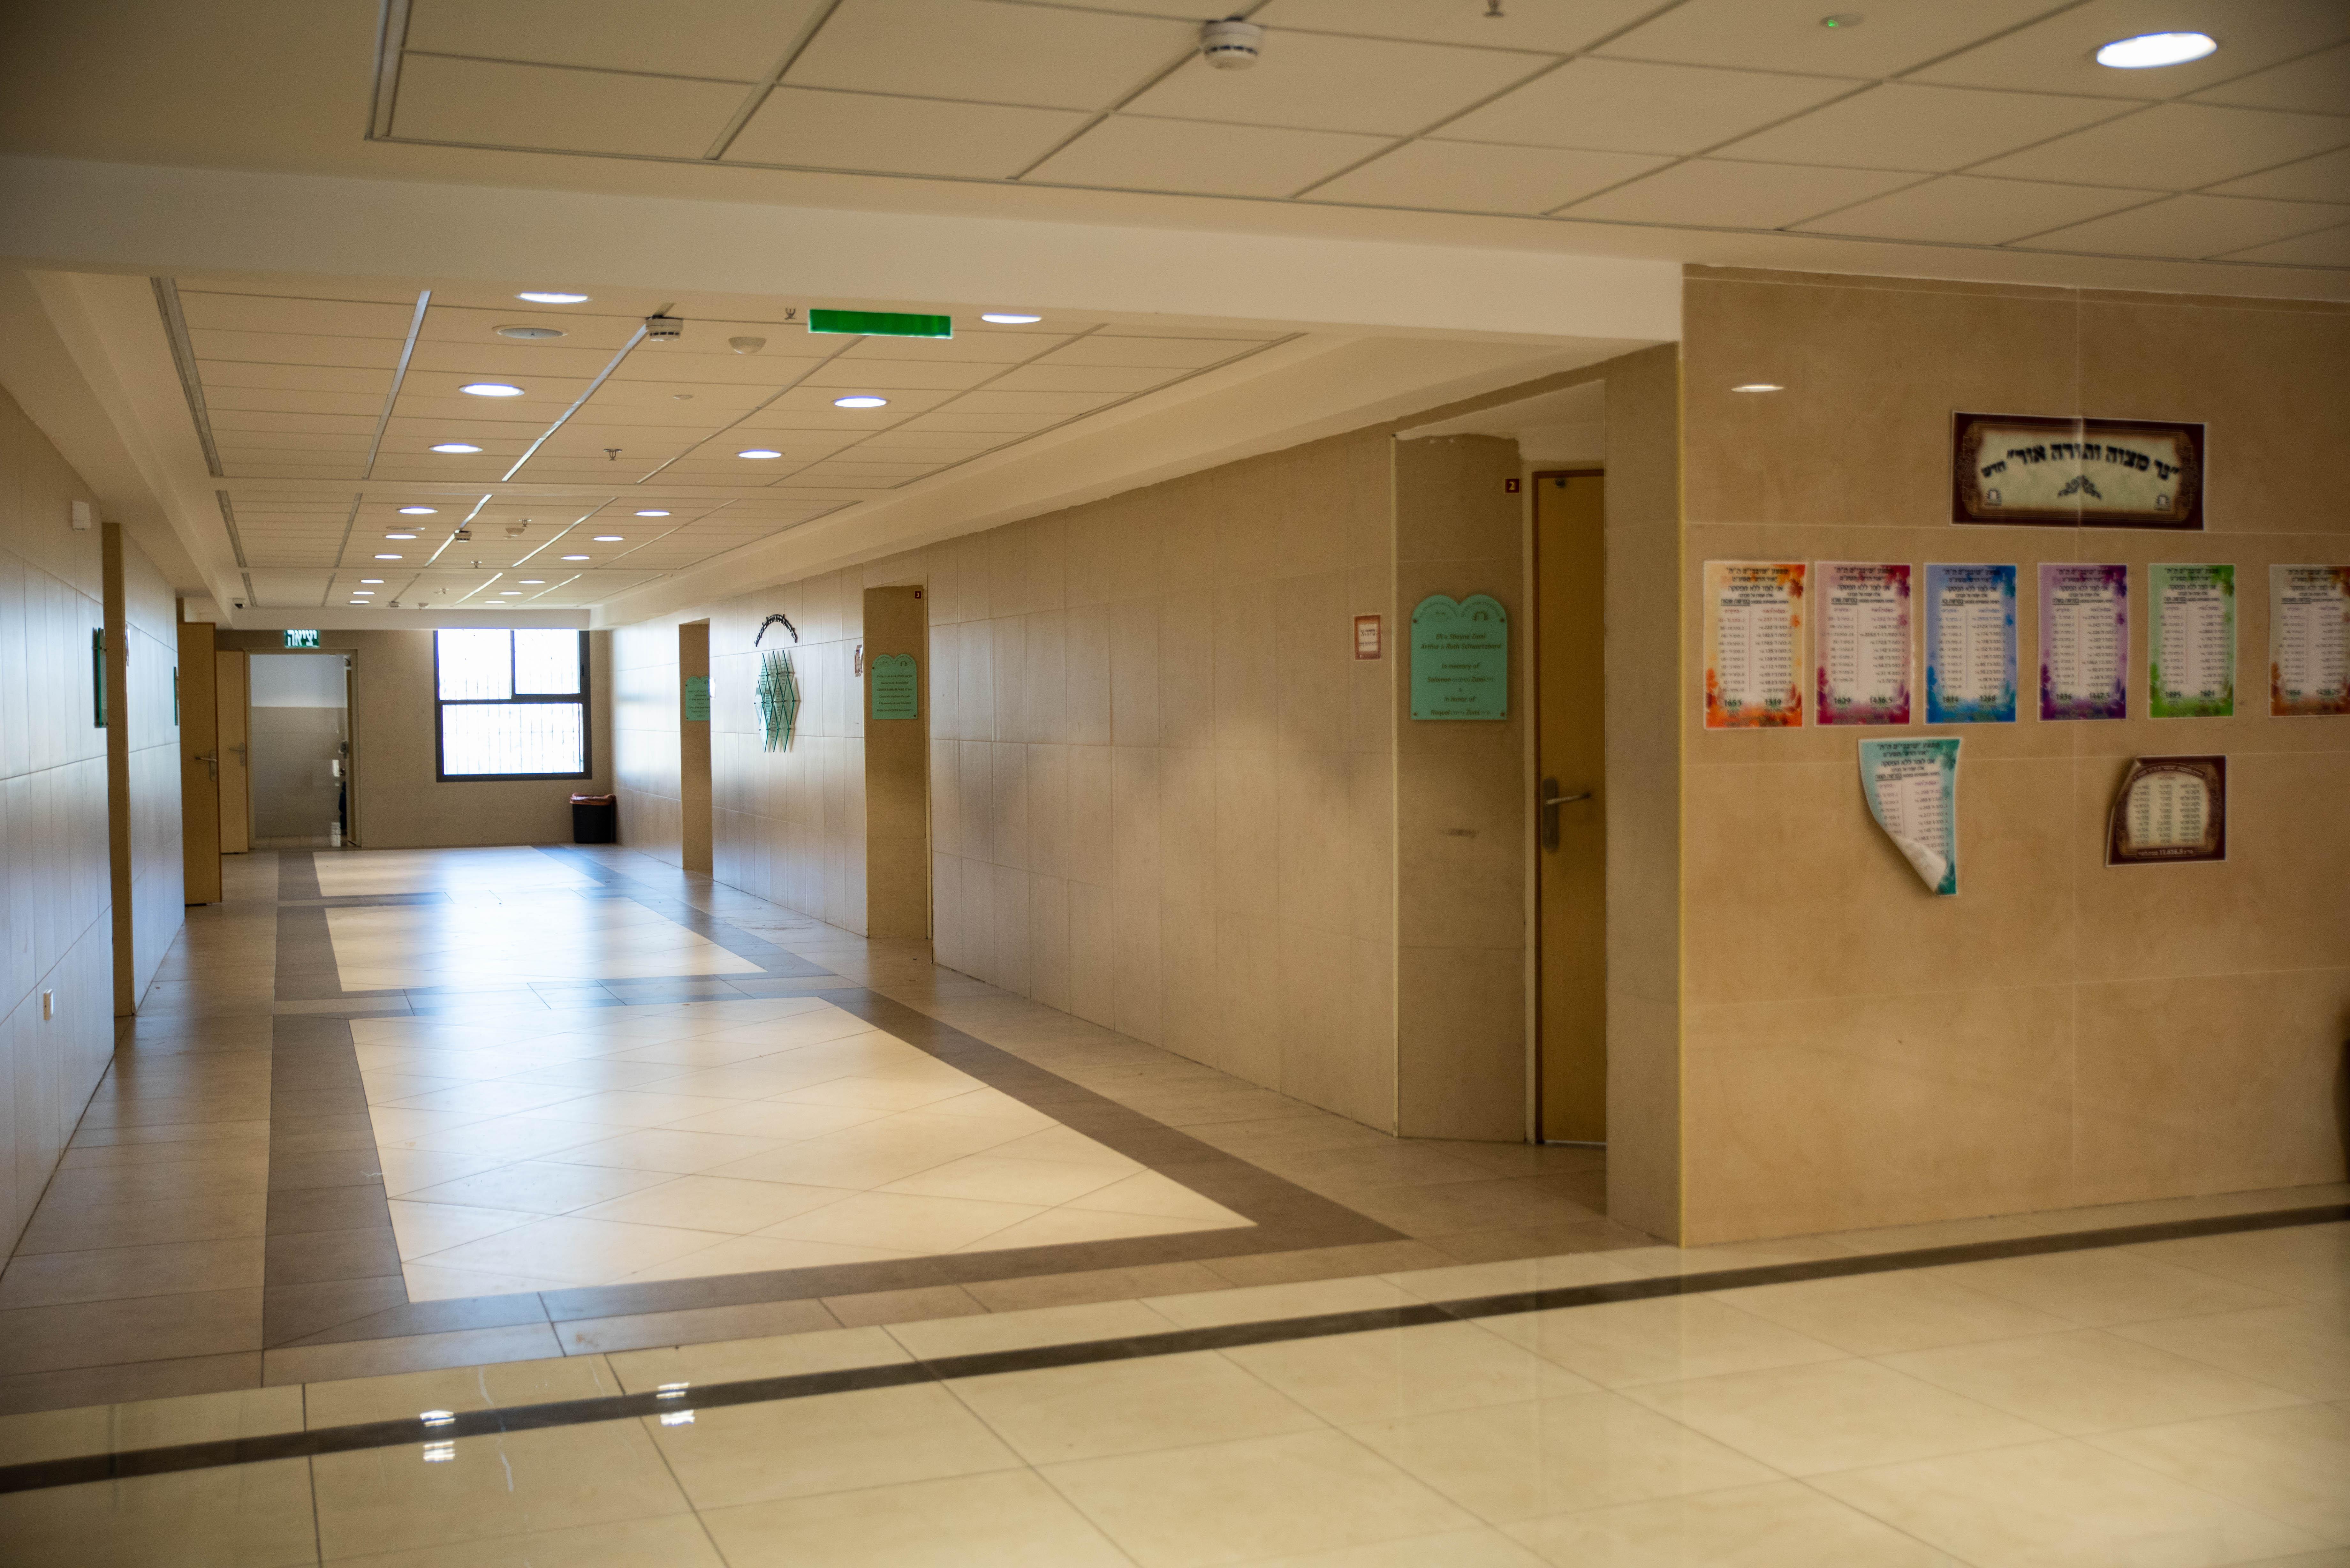 אור חדש בניין 04-009